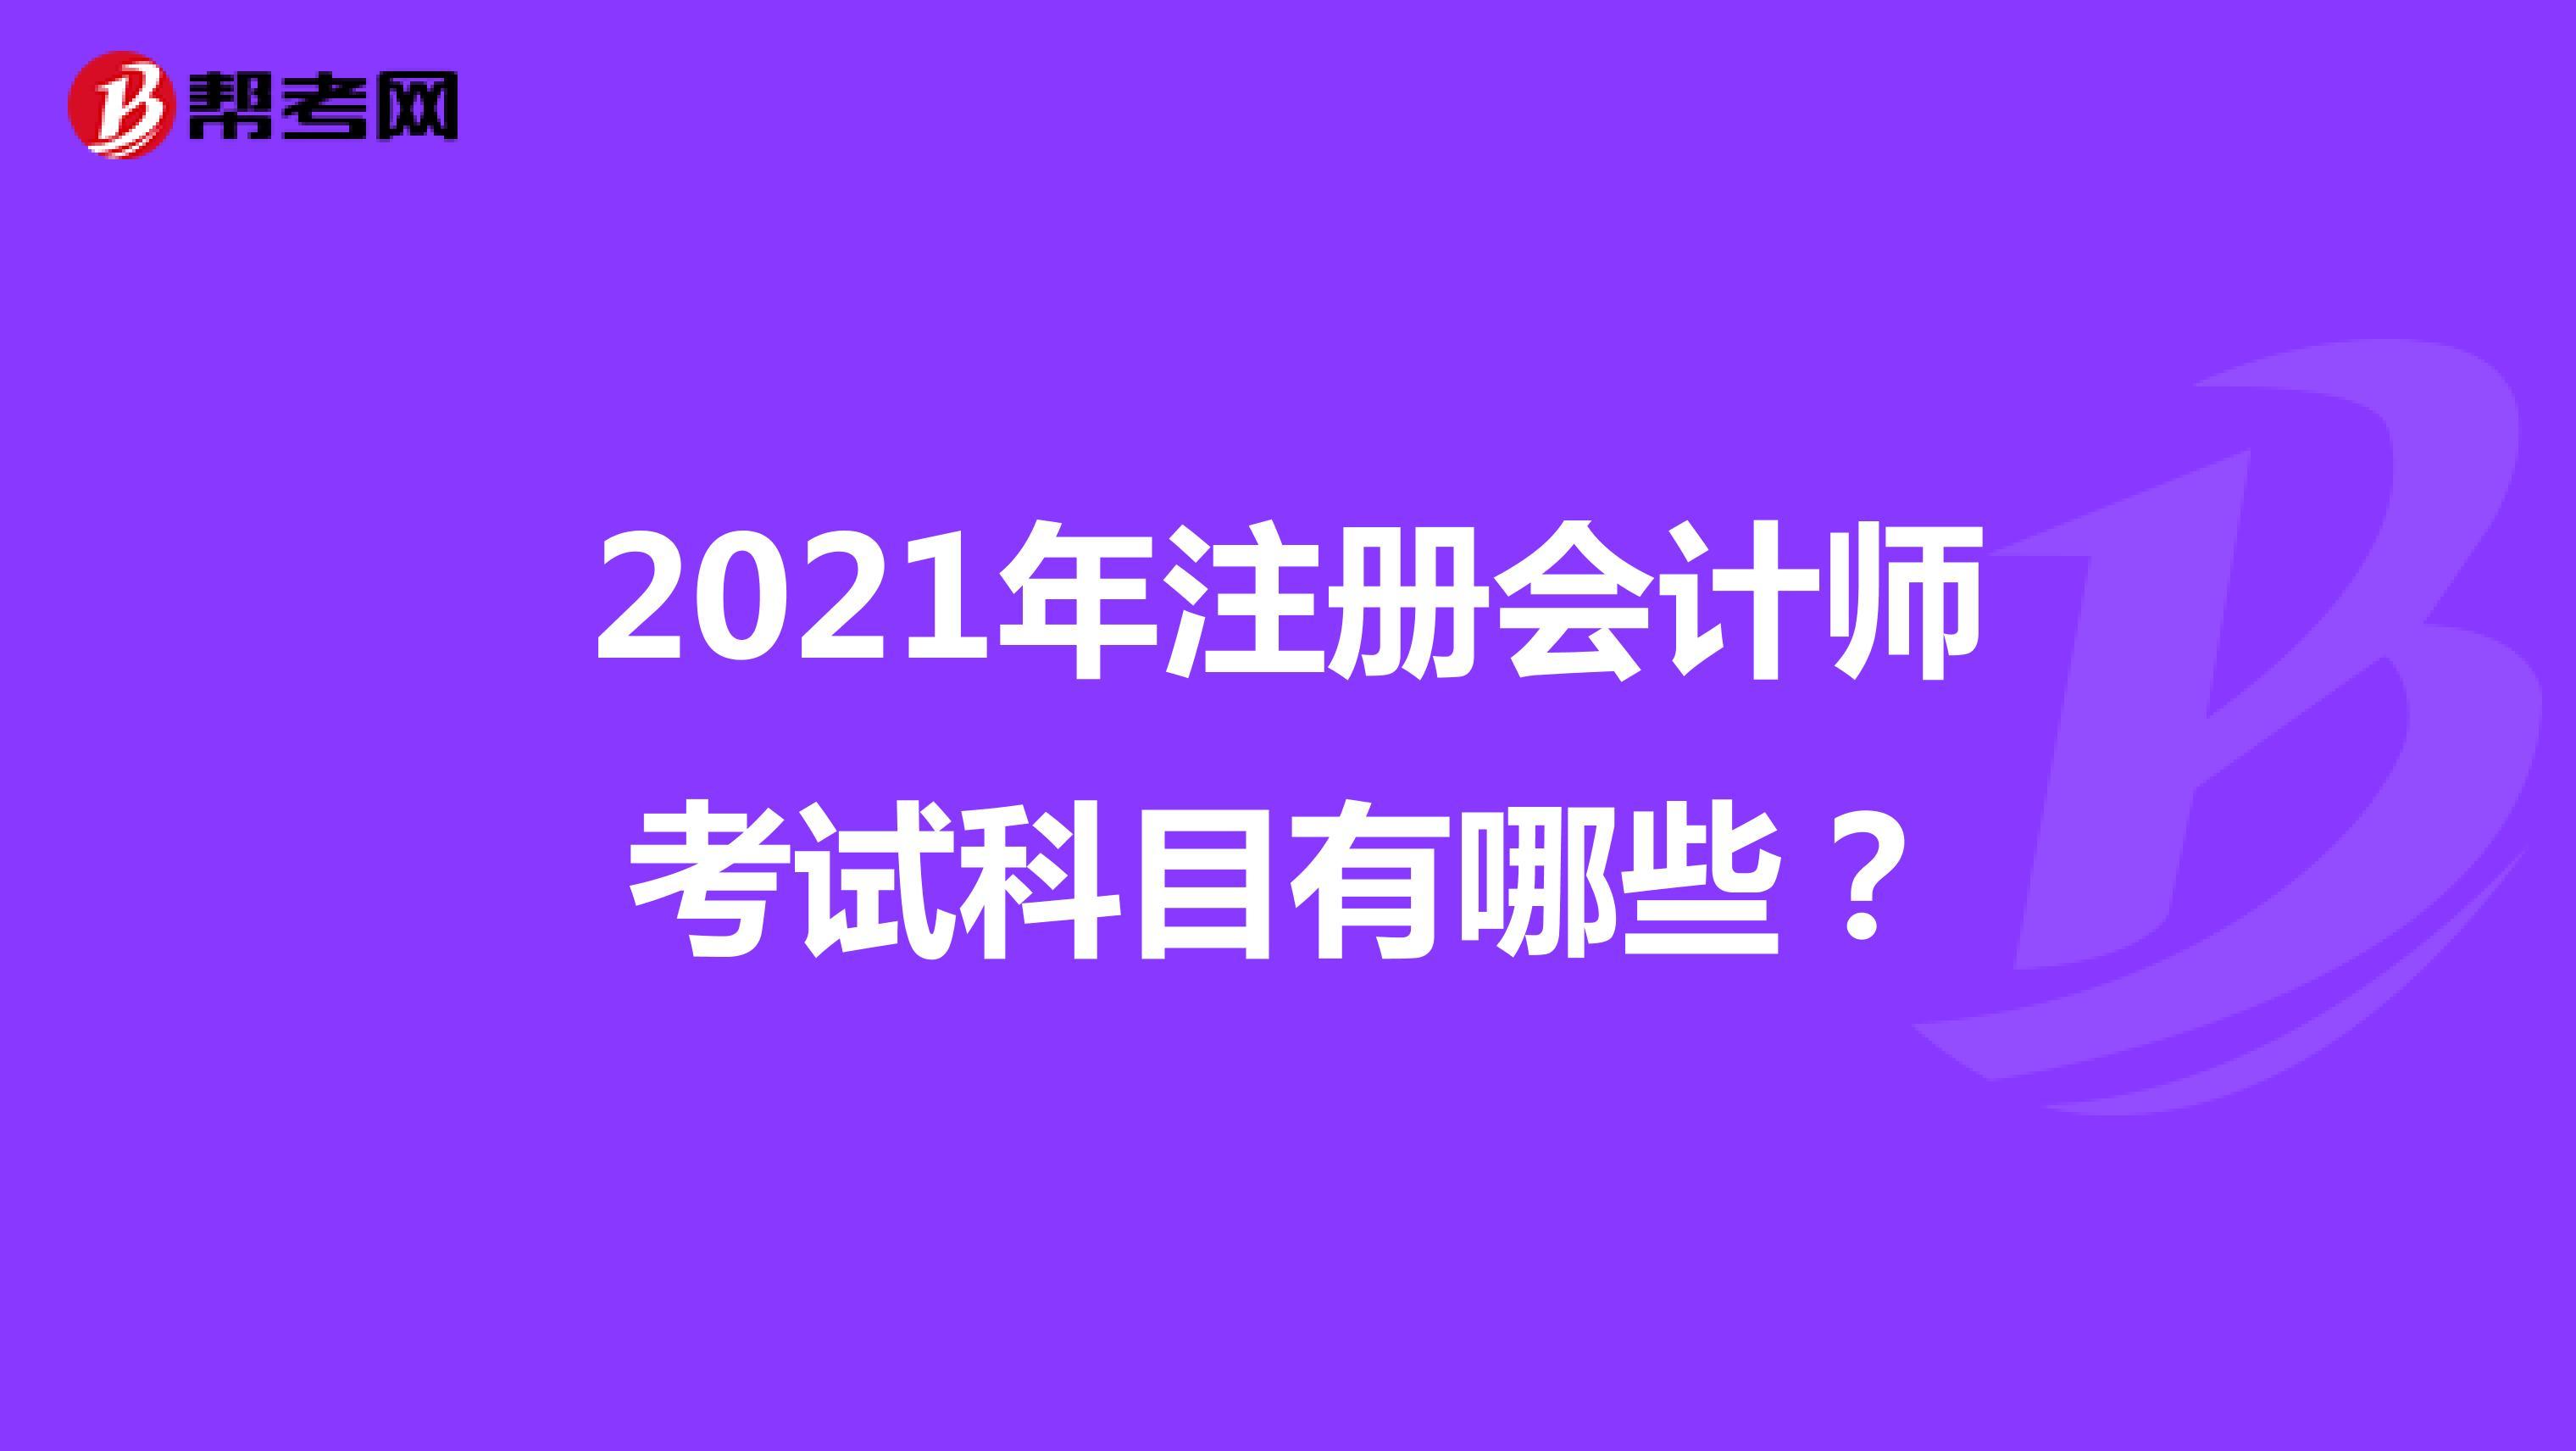 2021年注冊會計師考試科目有哪些?